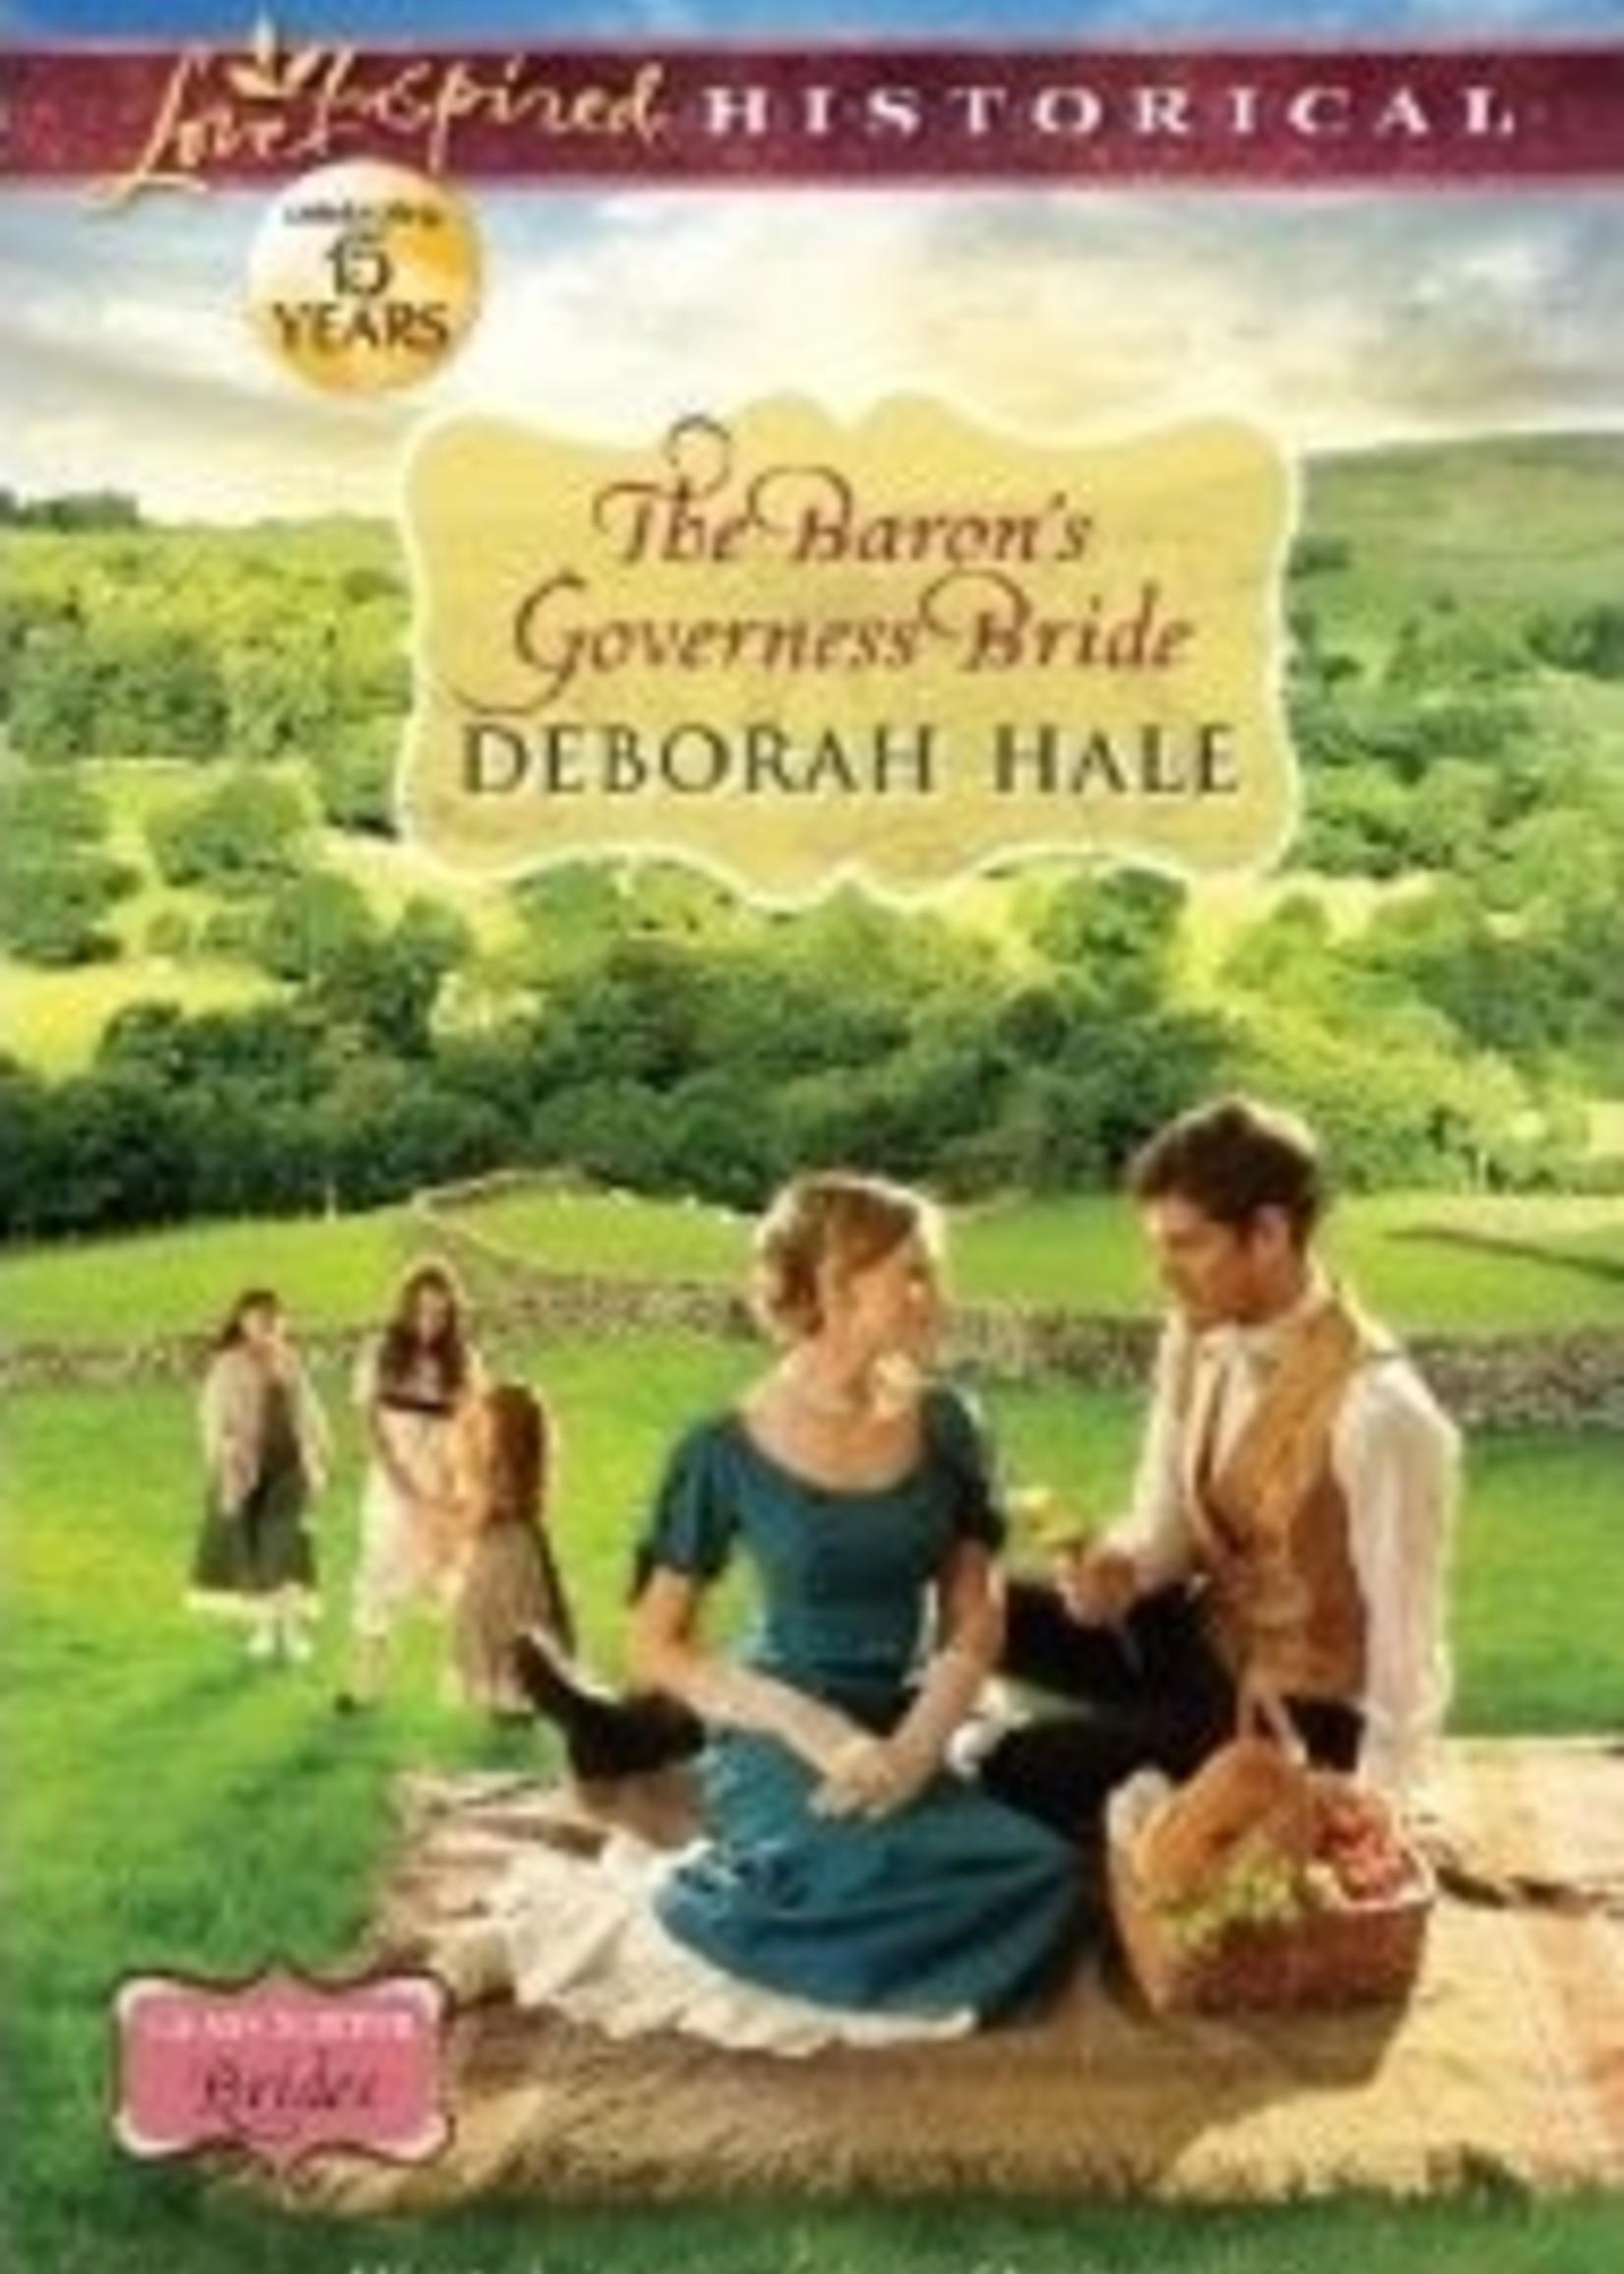 The Baron's Governess Bride by Deborah Hale